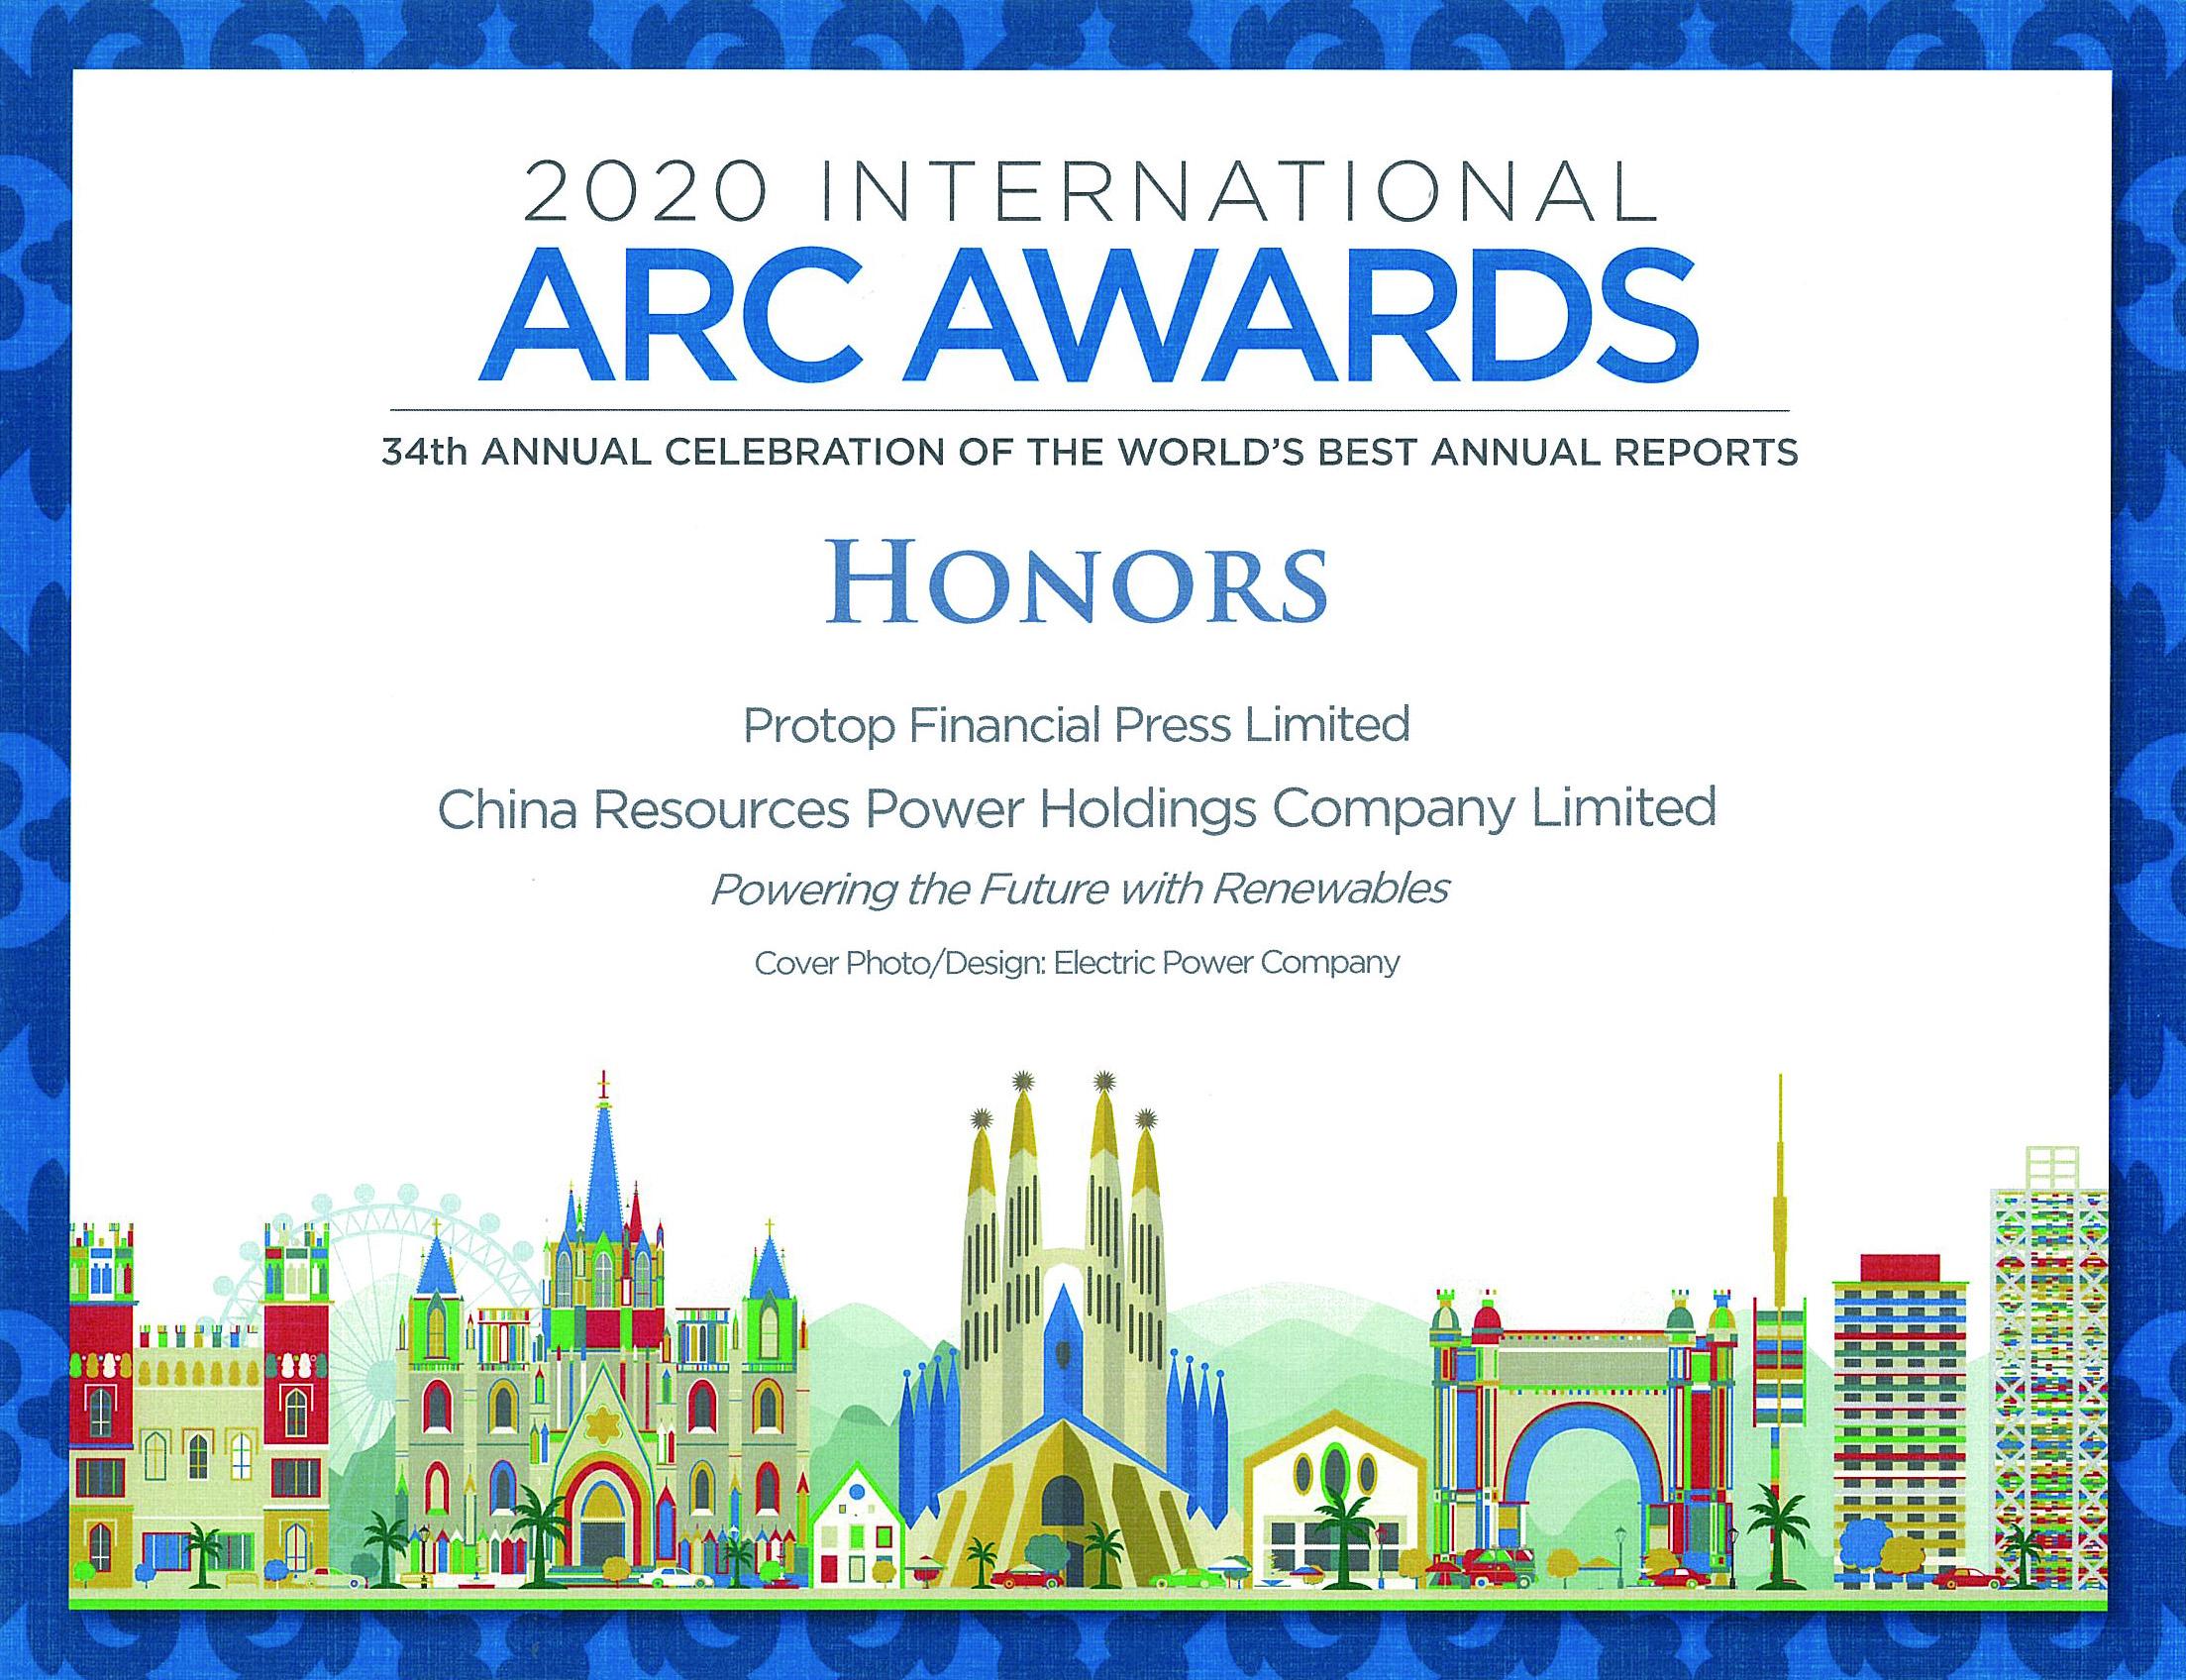 华润电力控股有限公司 2020 Honors Award